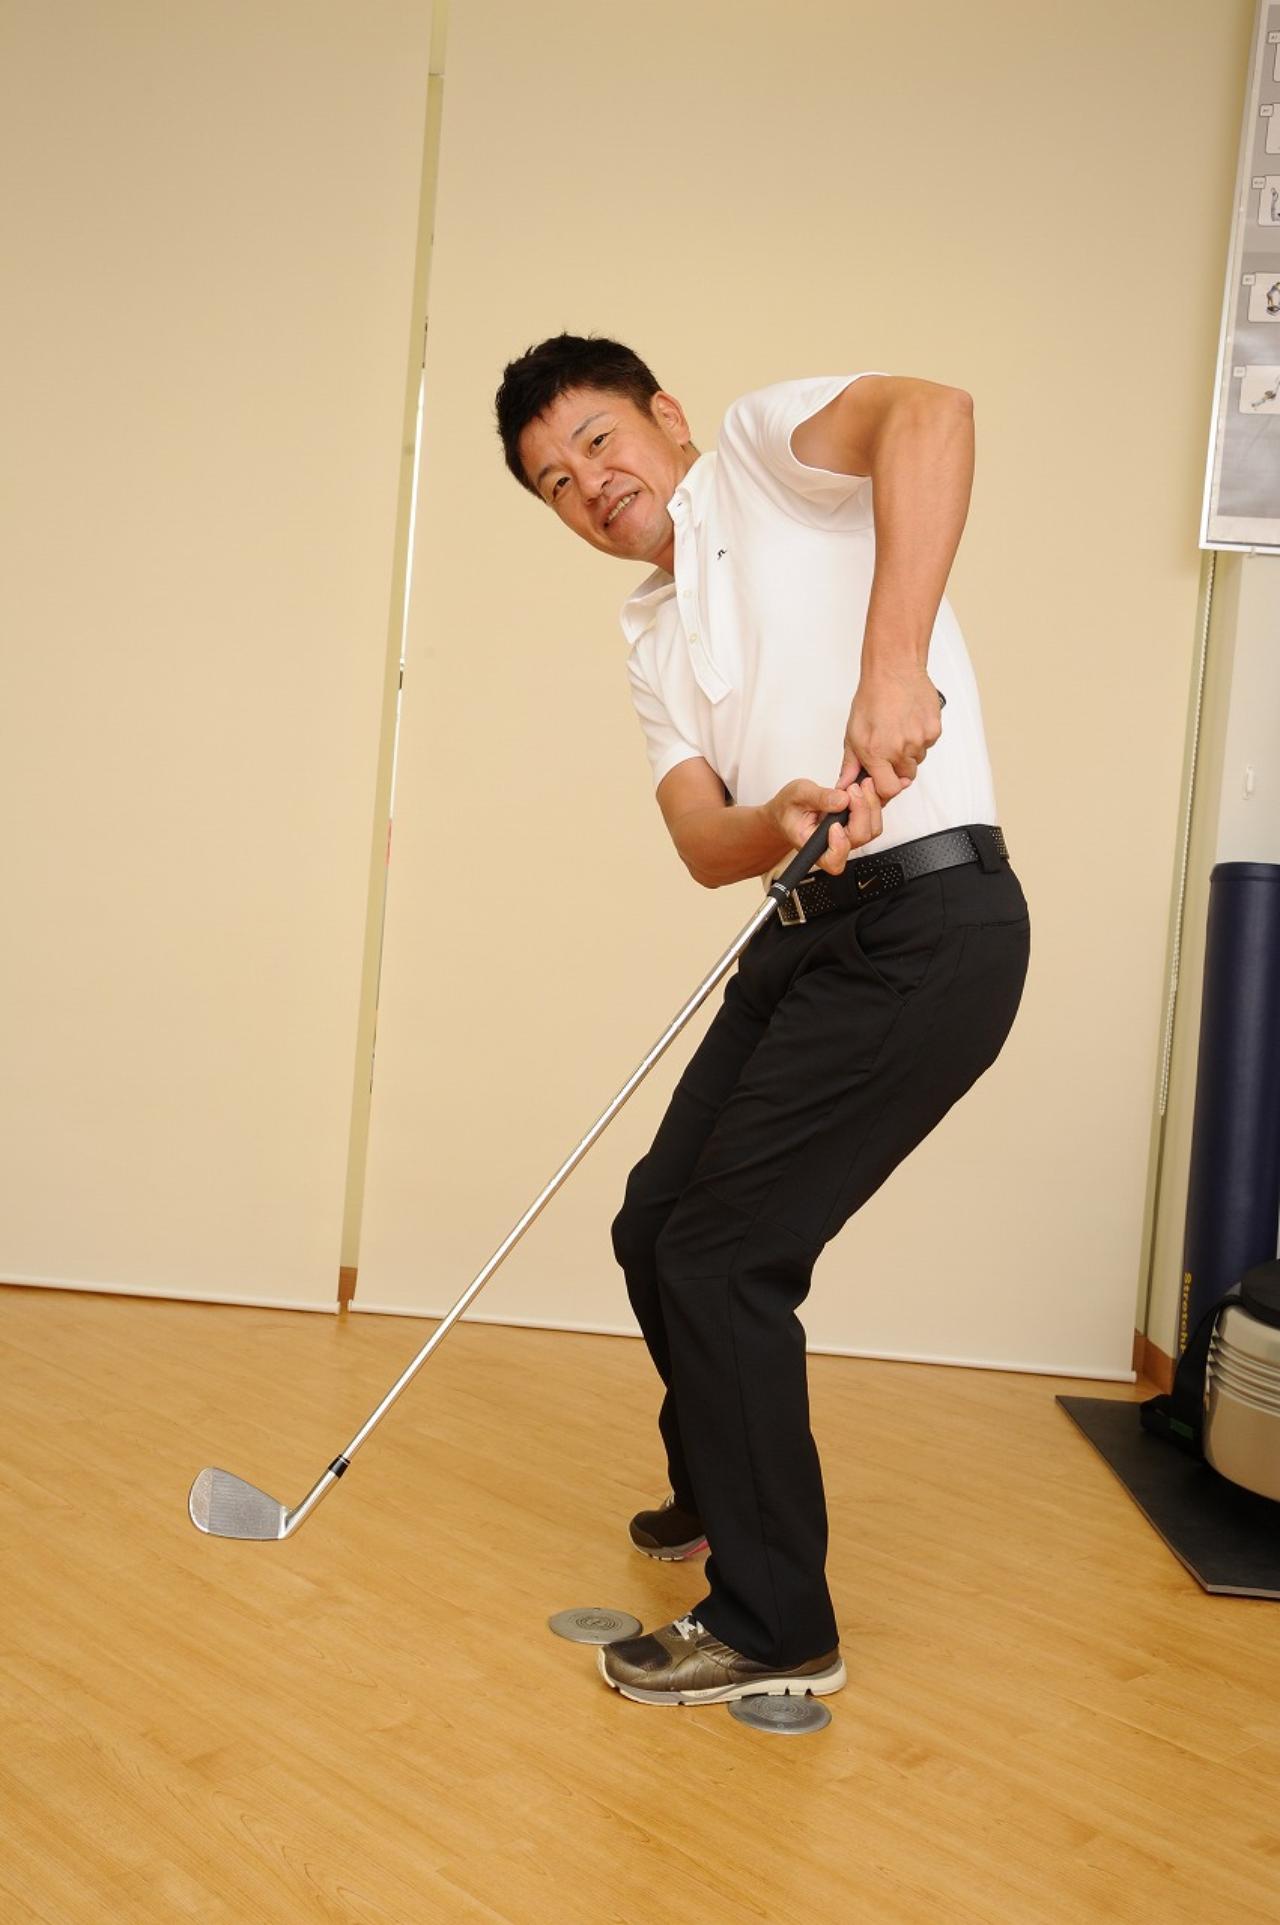 画像: ×手だけで打つと左ひざに力が入ります